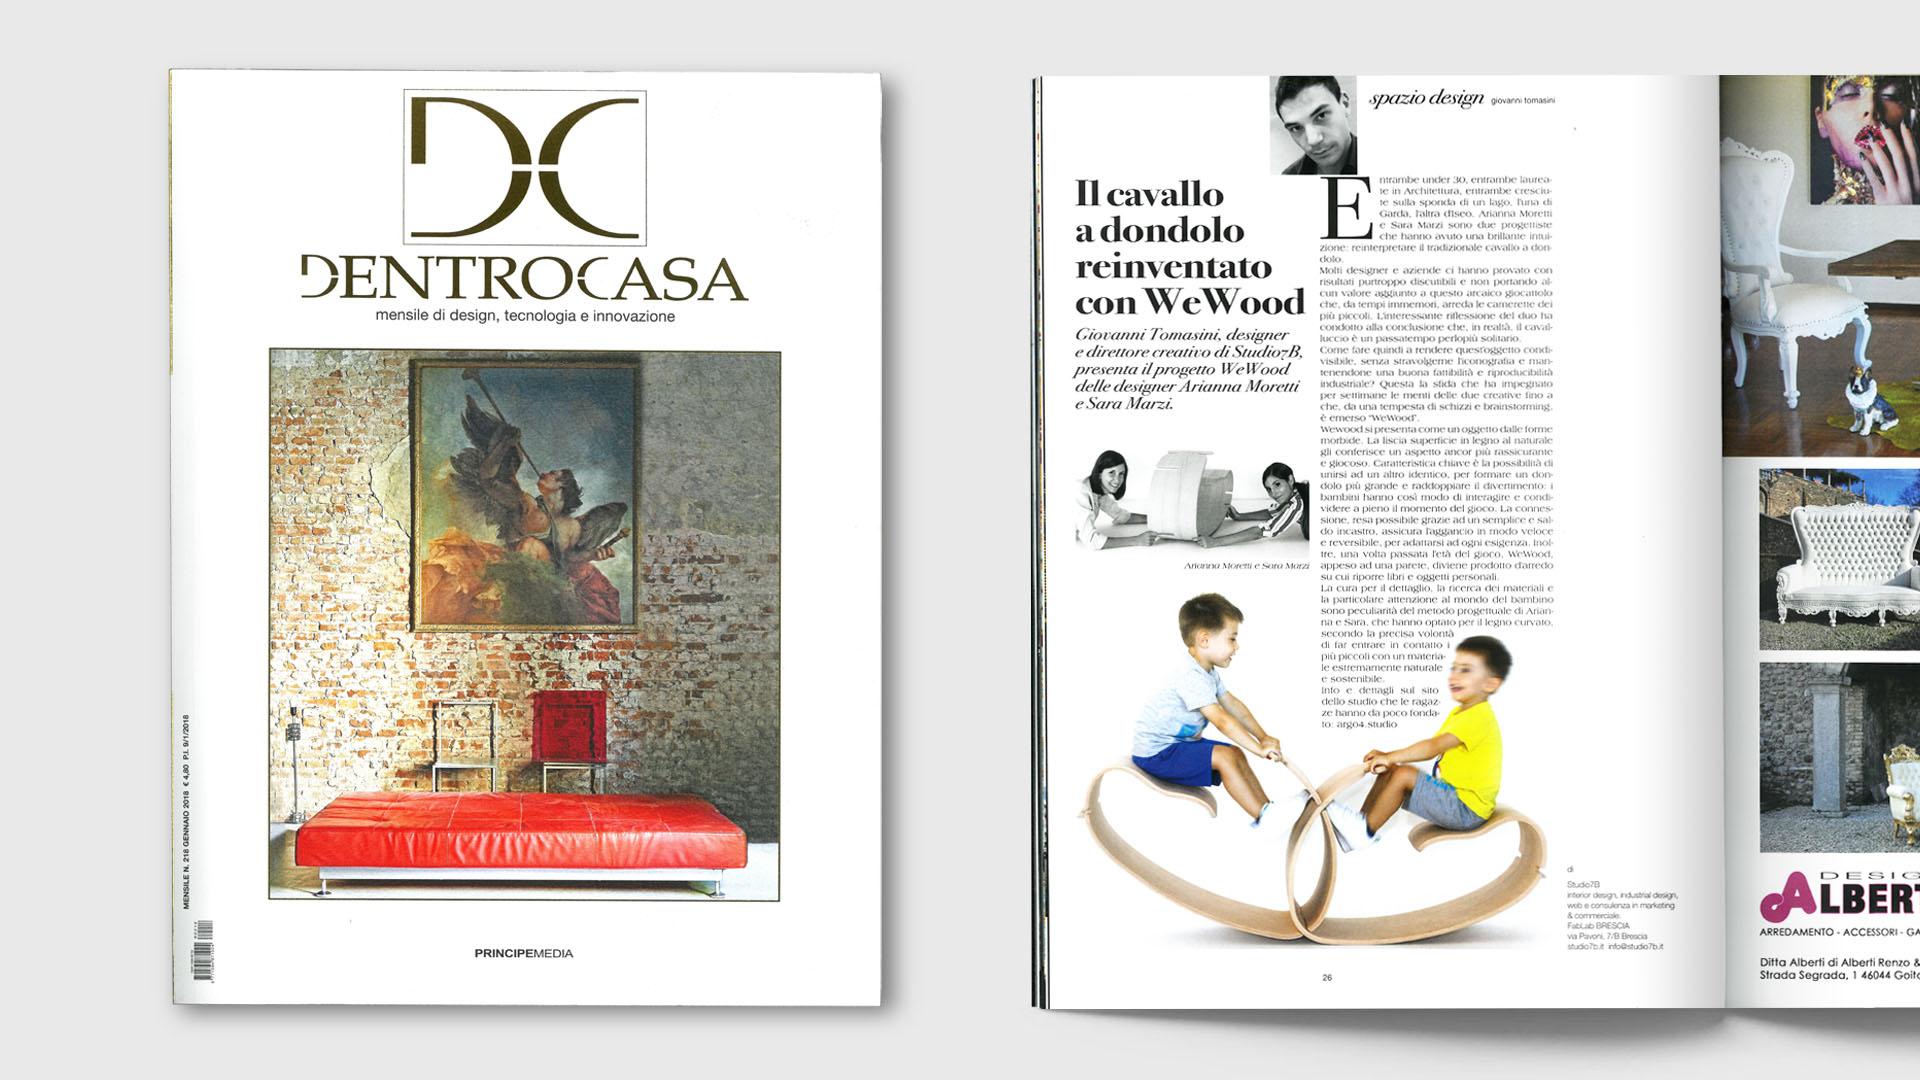 Immagine della copertina del numero di Gennaio 2018 di DentroCasa e pagina dell'articolo relativo al cavallo a dondolo YaWood dello studio di Architettura Argo4.